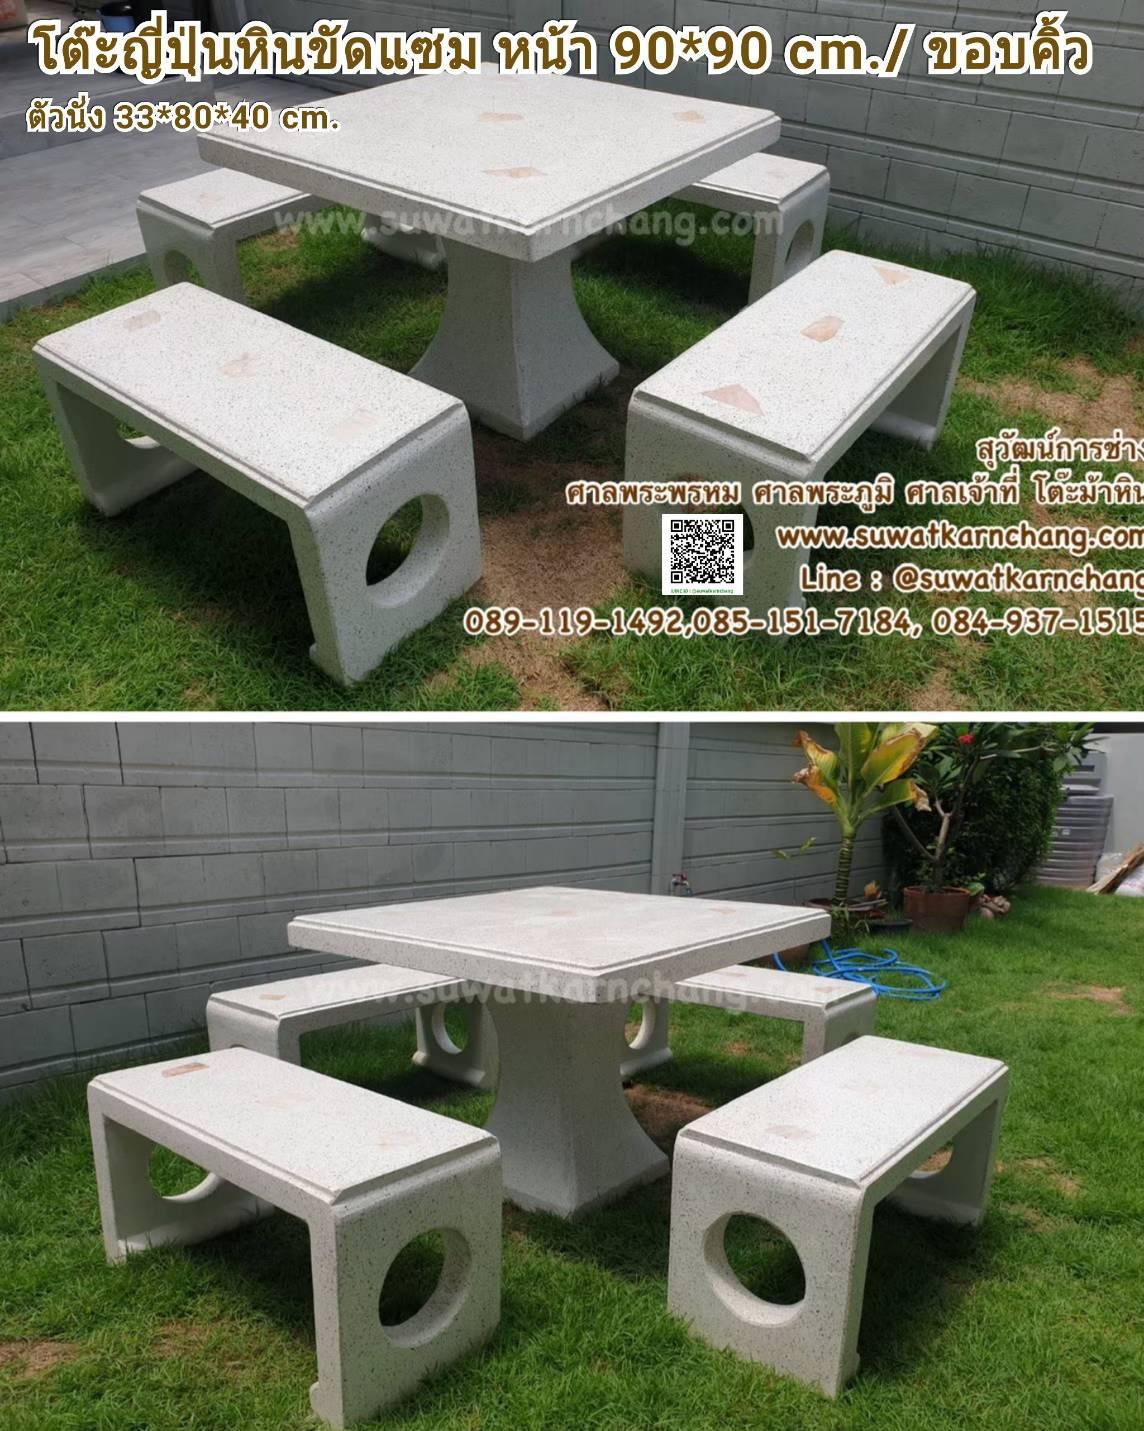 โต๊ะญี่ปุ่นหินขัดแซม แบบขอบคิ้ว หน้า 90 ซม.